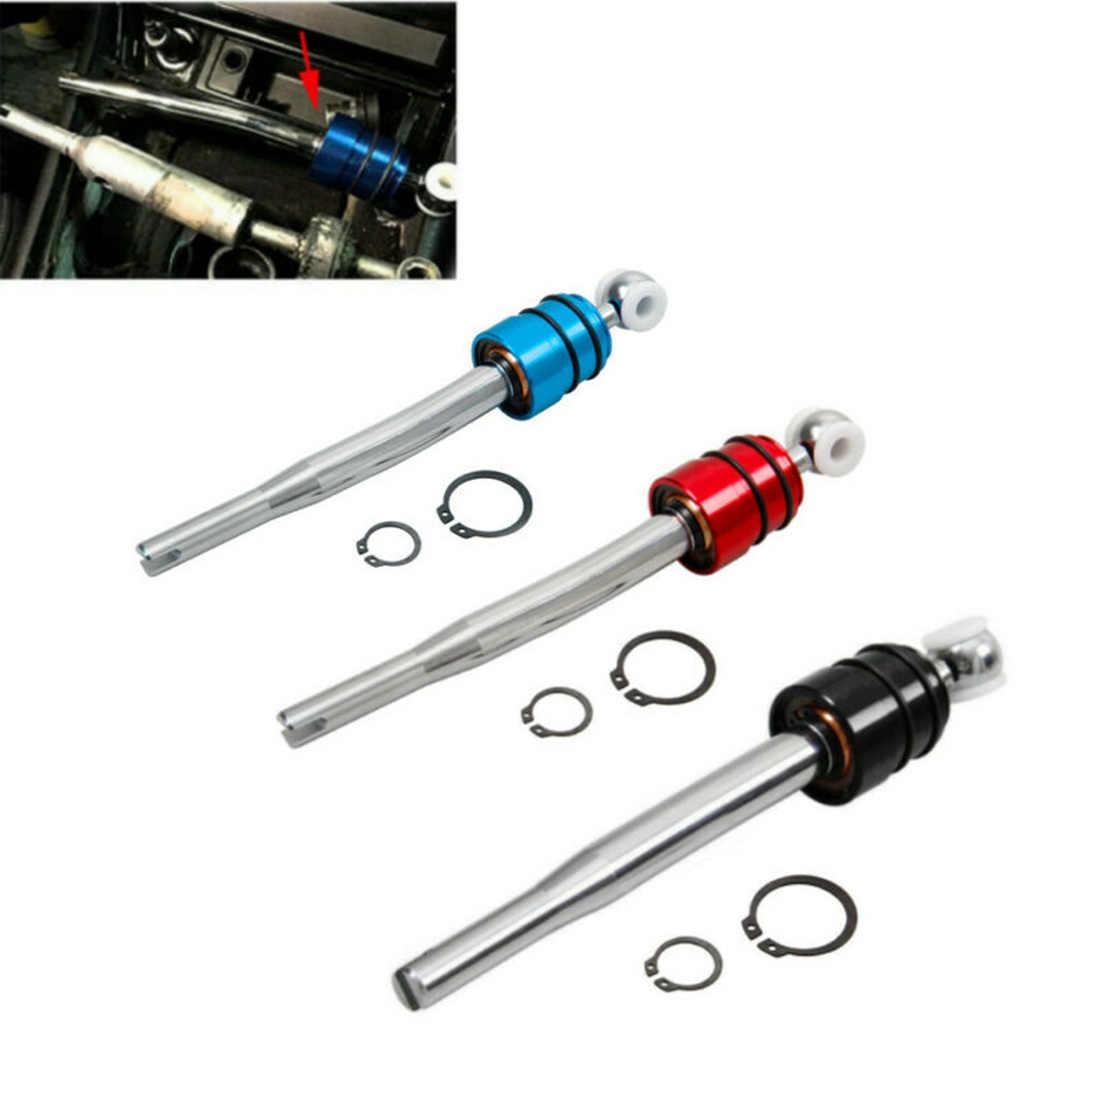 Quick Shift Short Throw Shifter For BMW E30 E36 E39 E46 M3 M5 3 5-Series Red